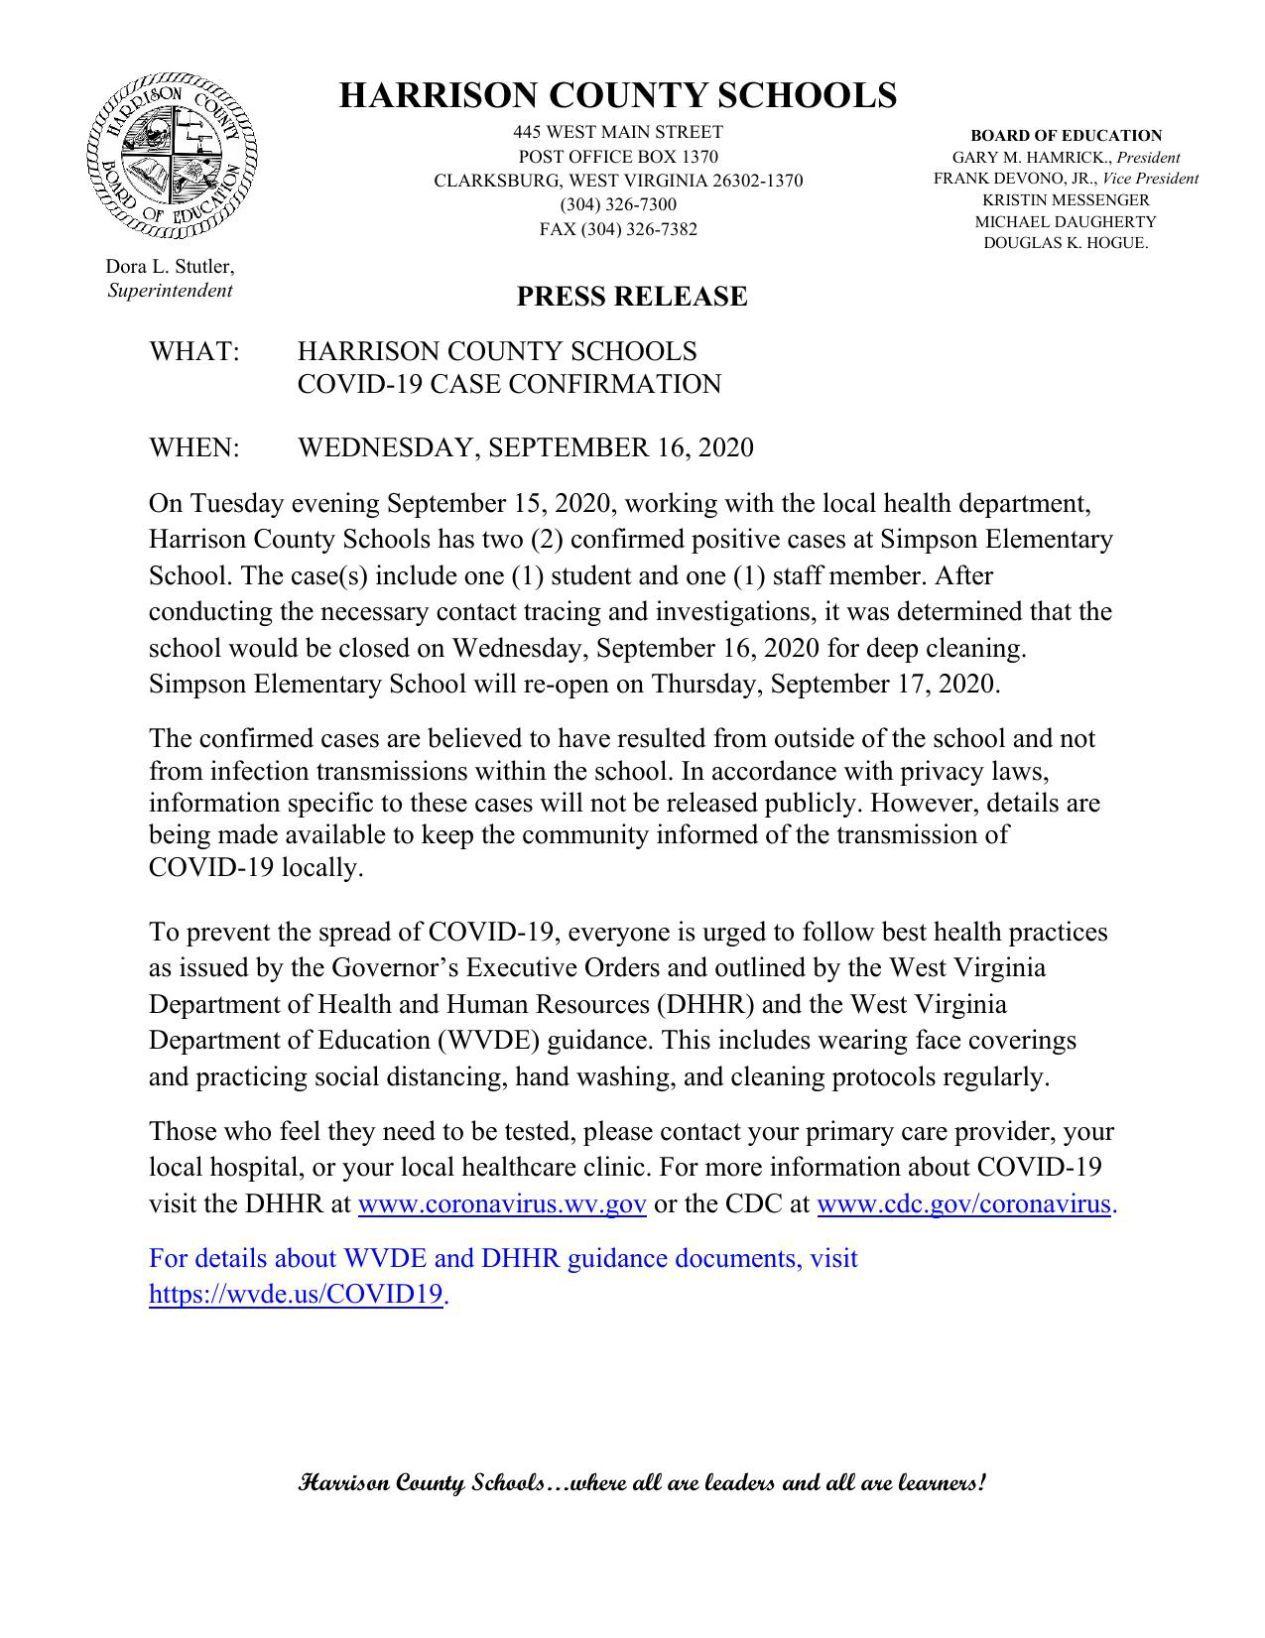 Harrison County Schools Press Release